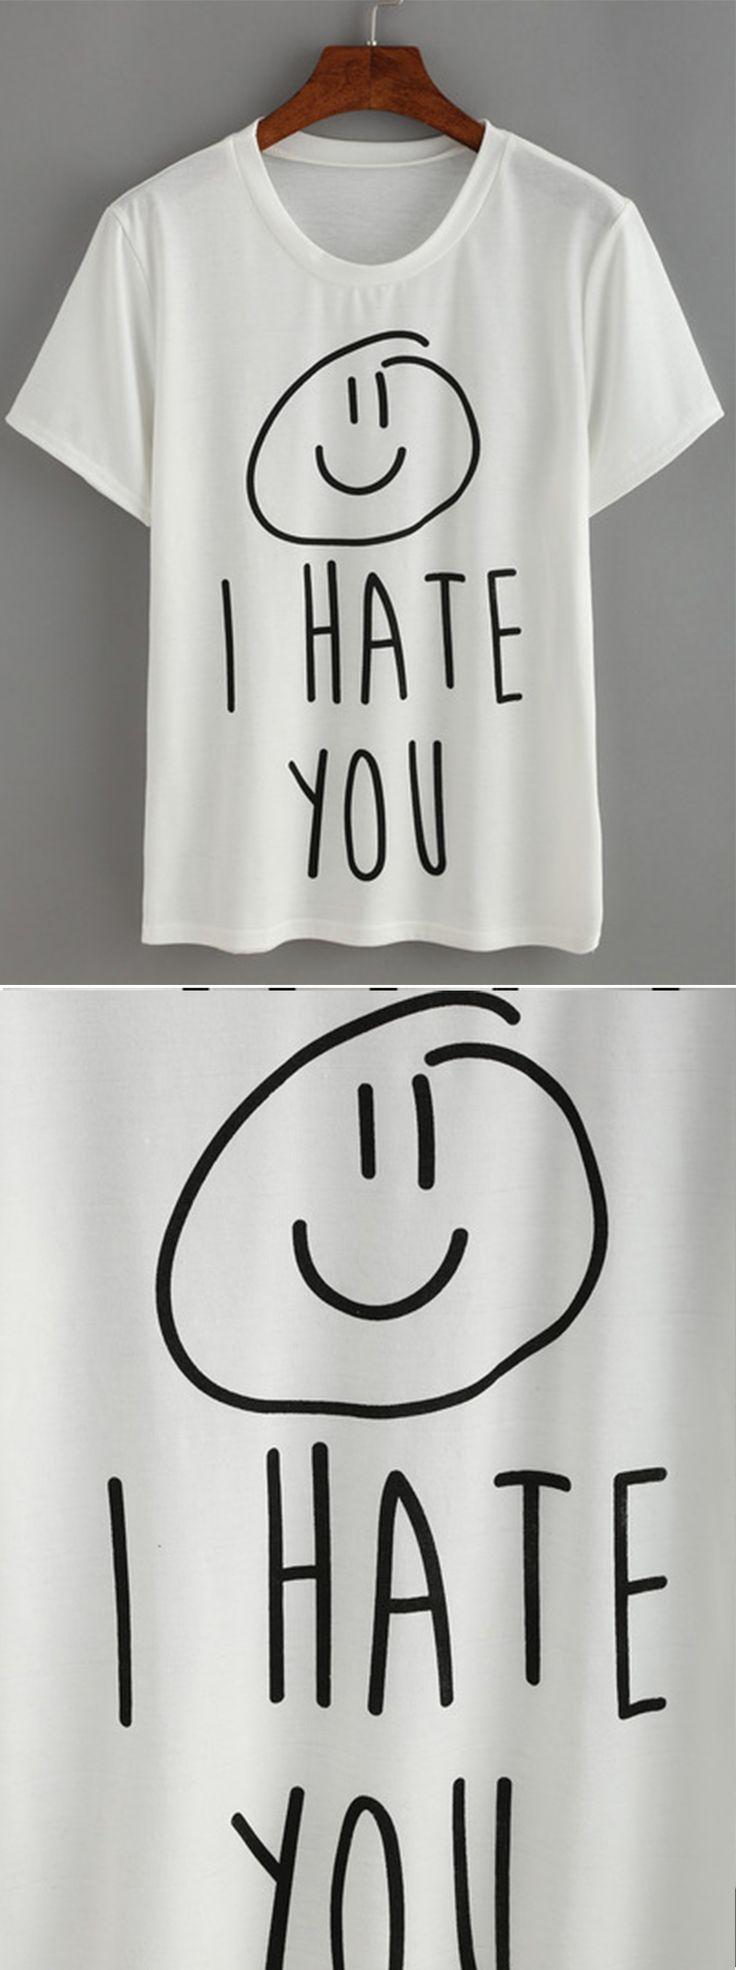 Best 10+ Print t shirts ideas on Pinterest   T shirt screen ...